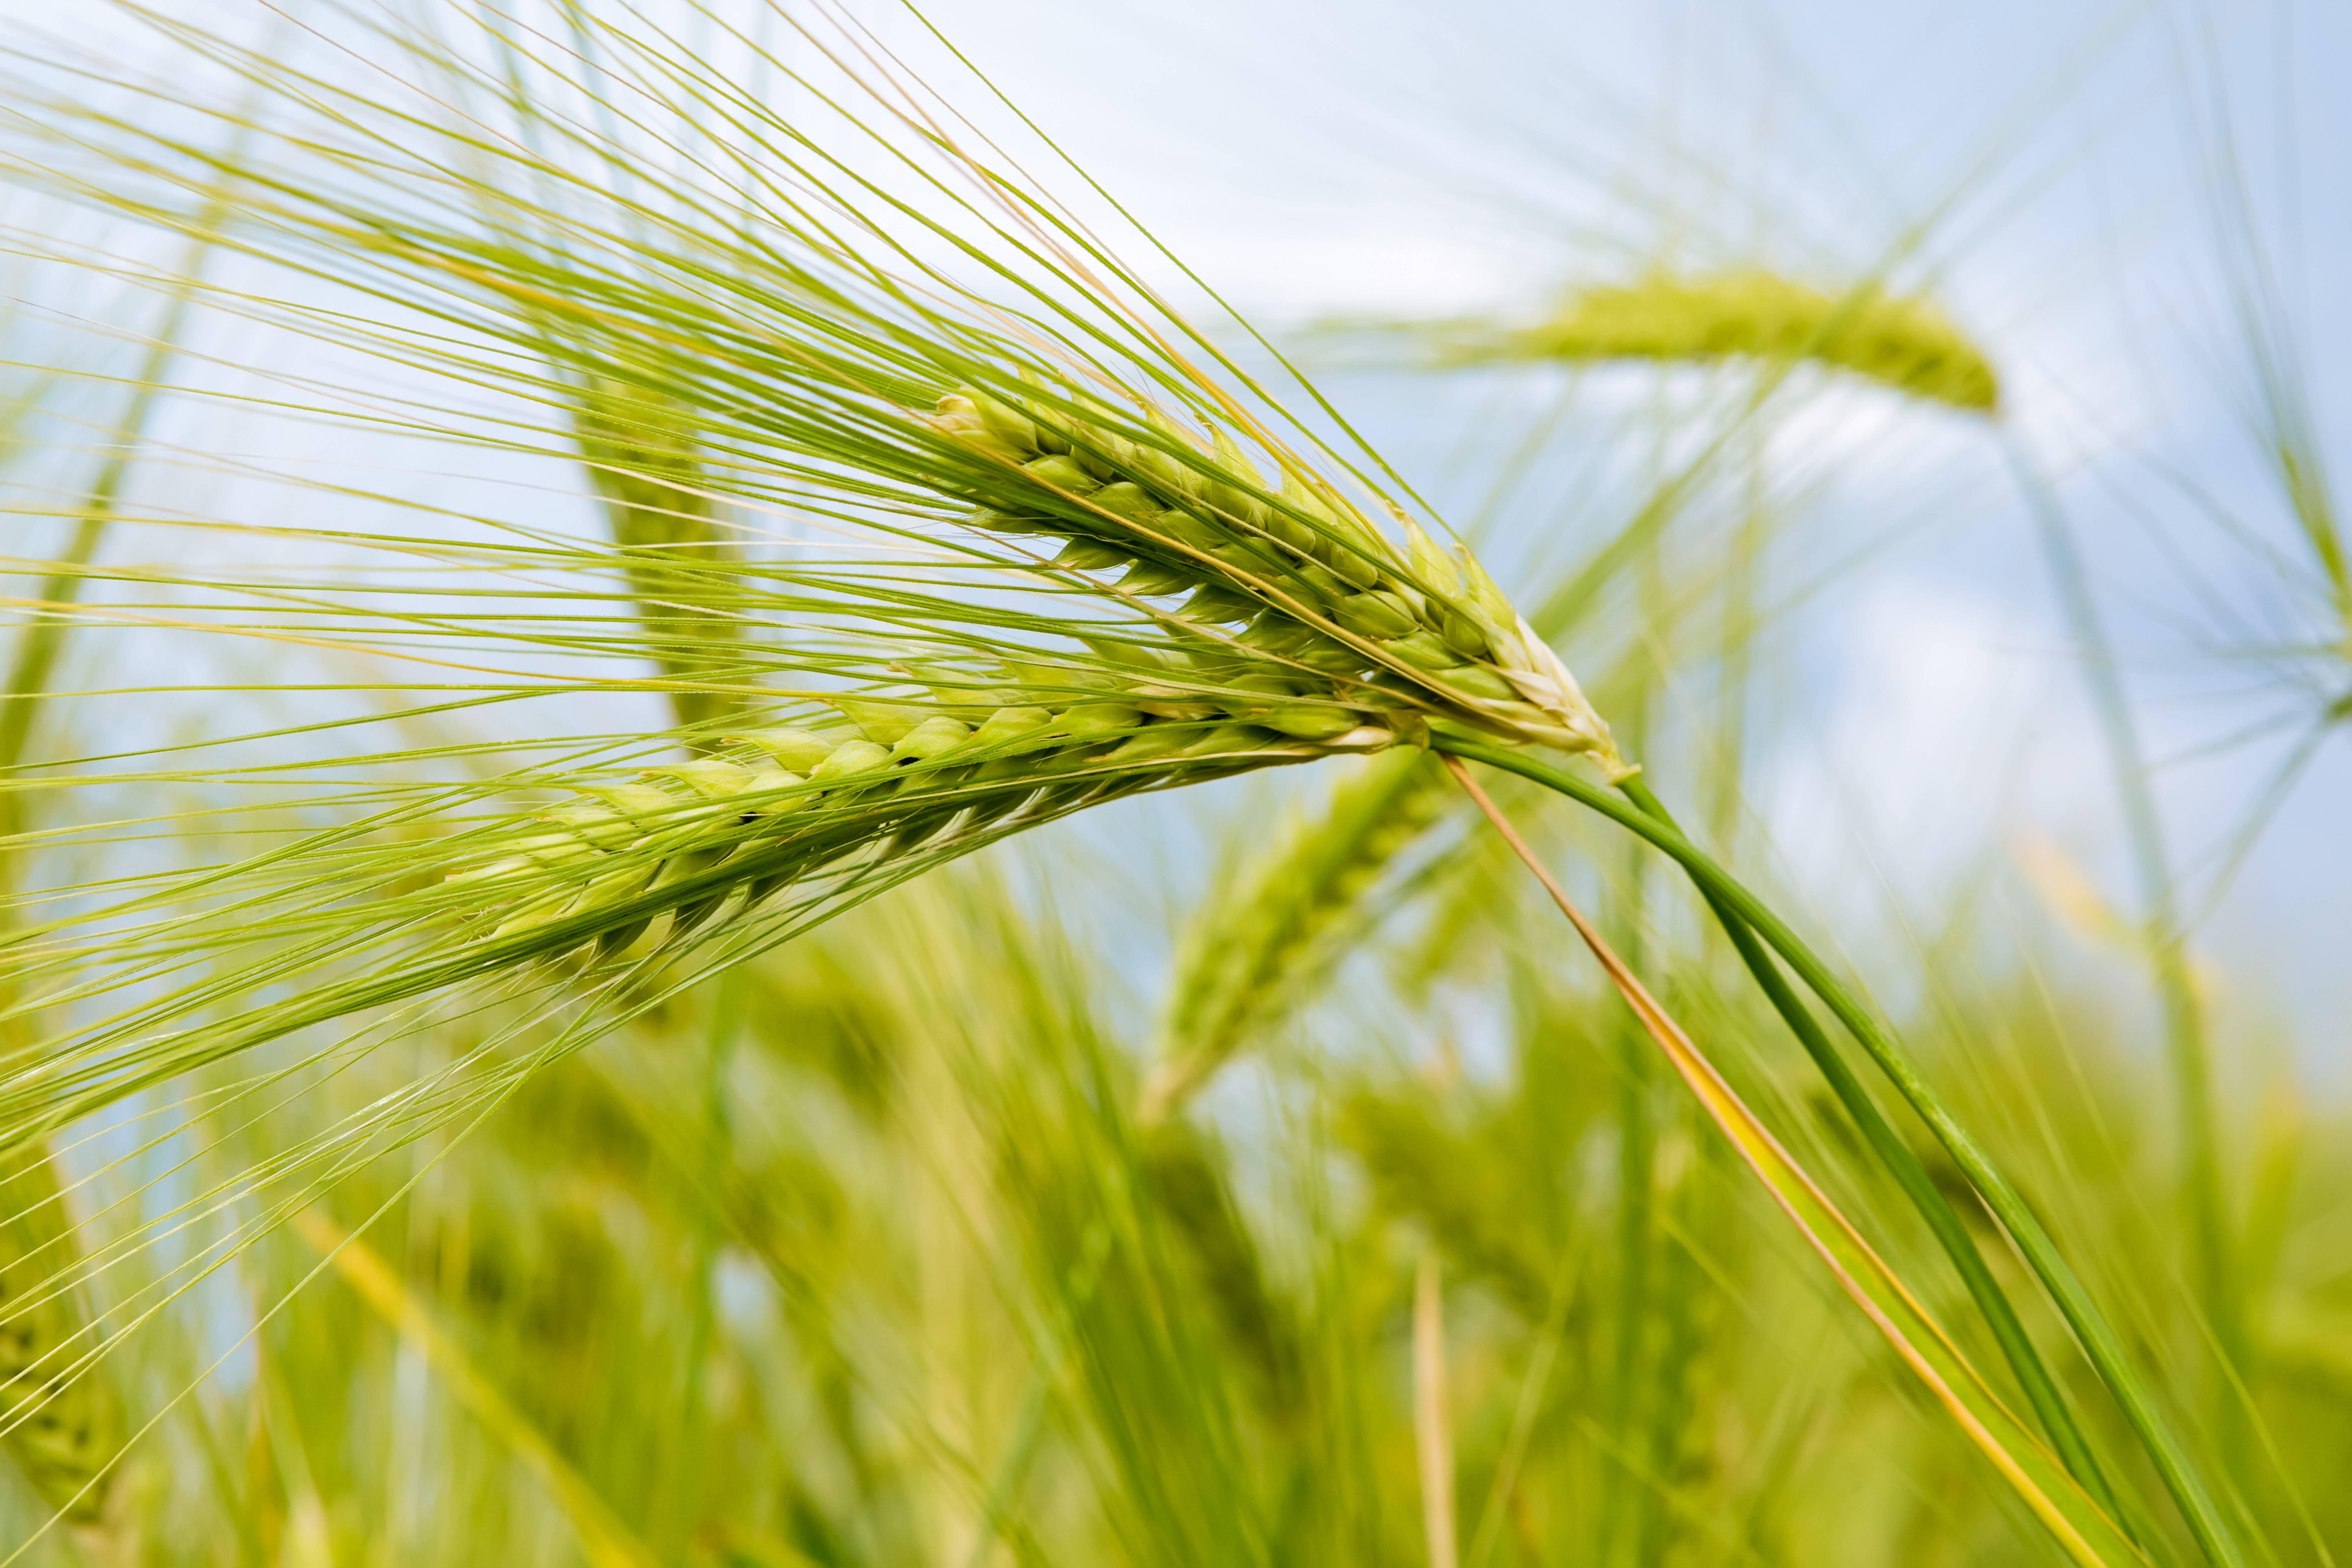 колосья пшеницы фото картинки прощаю тех